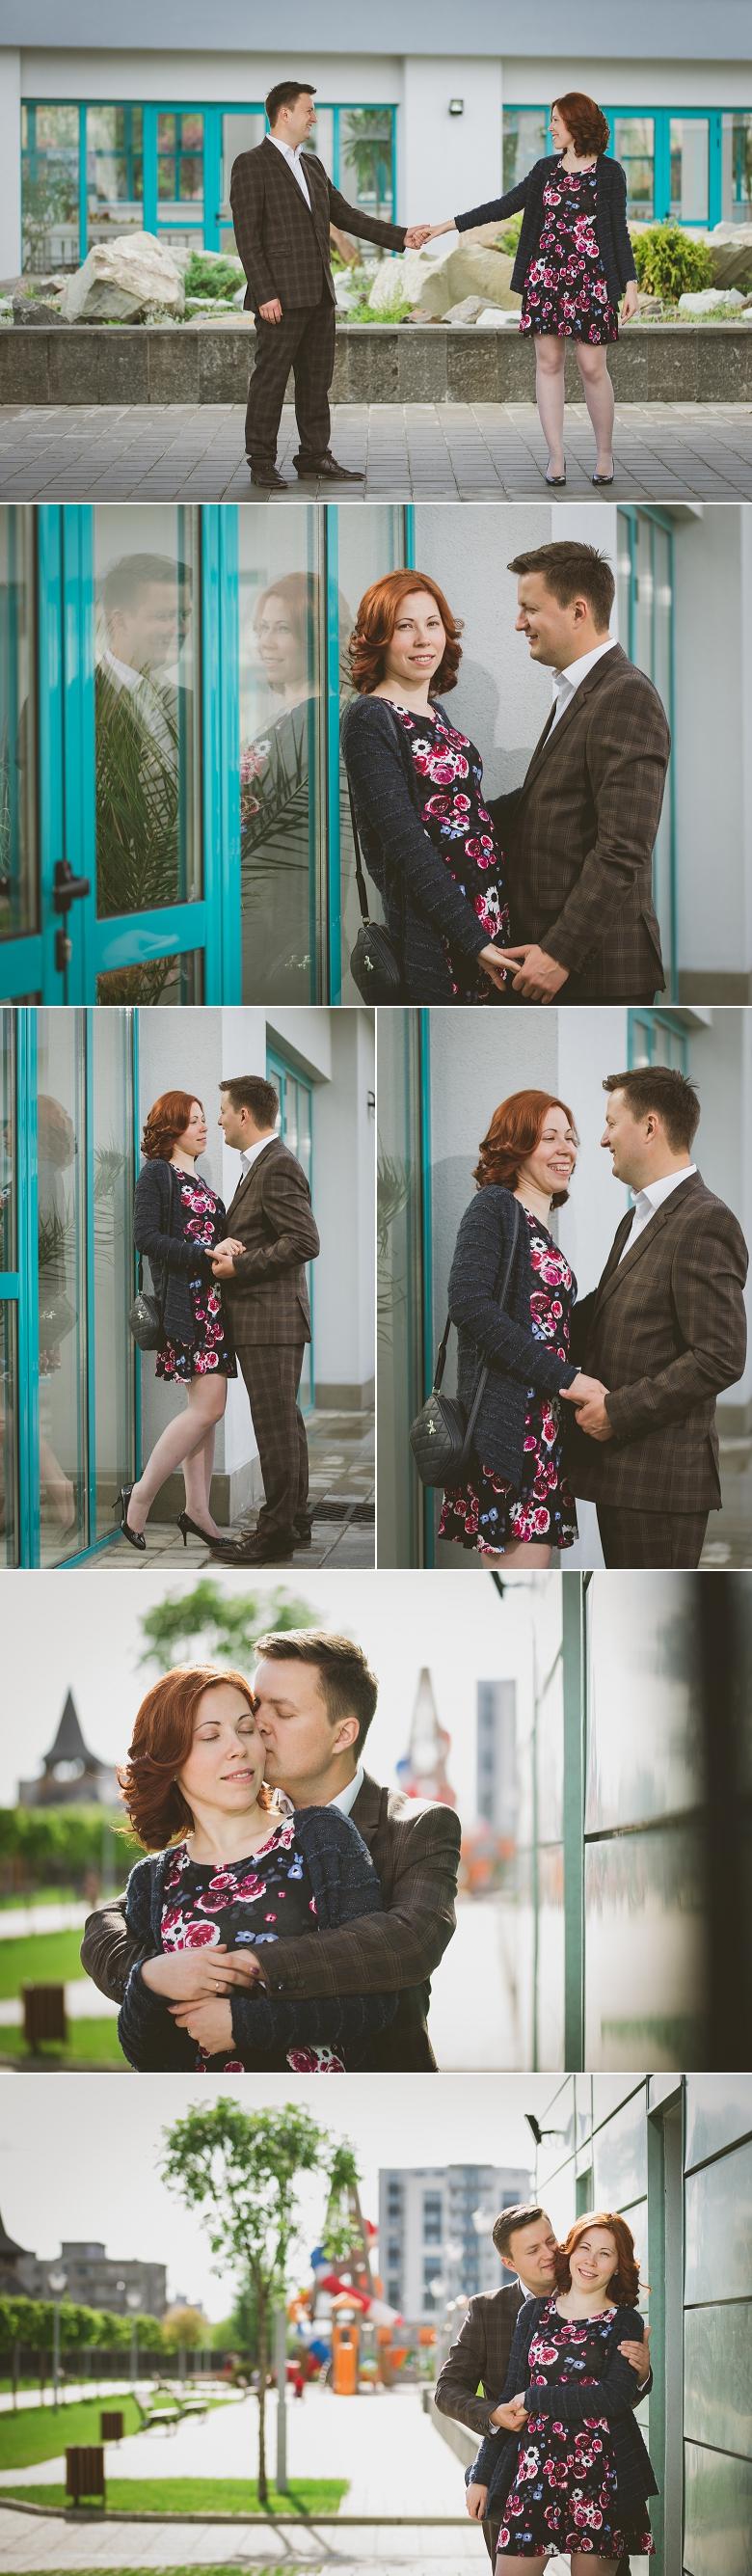 sedinta-foto-nunta-logodna-prewedding-baia-mare-parcul-central_02